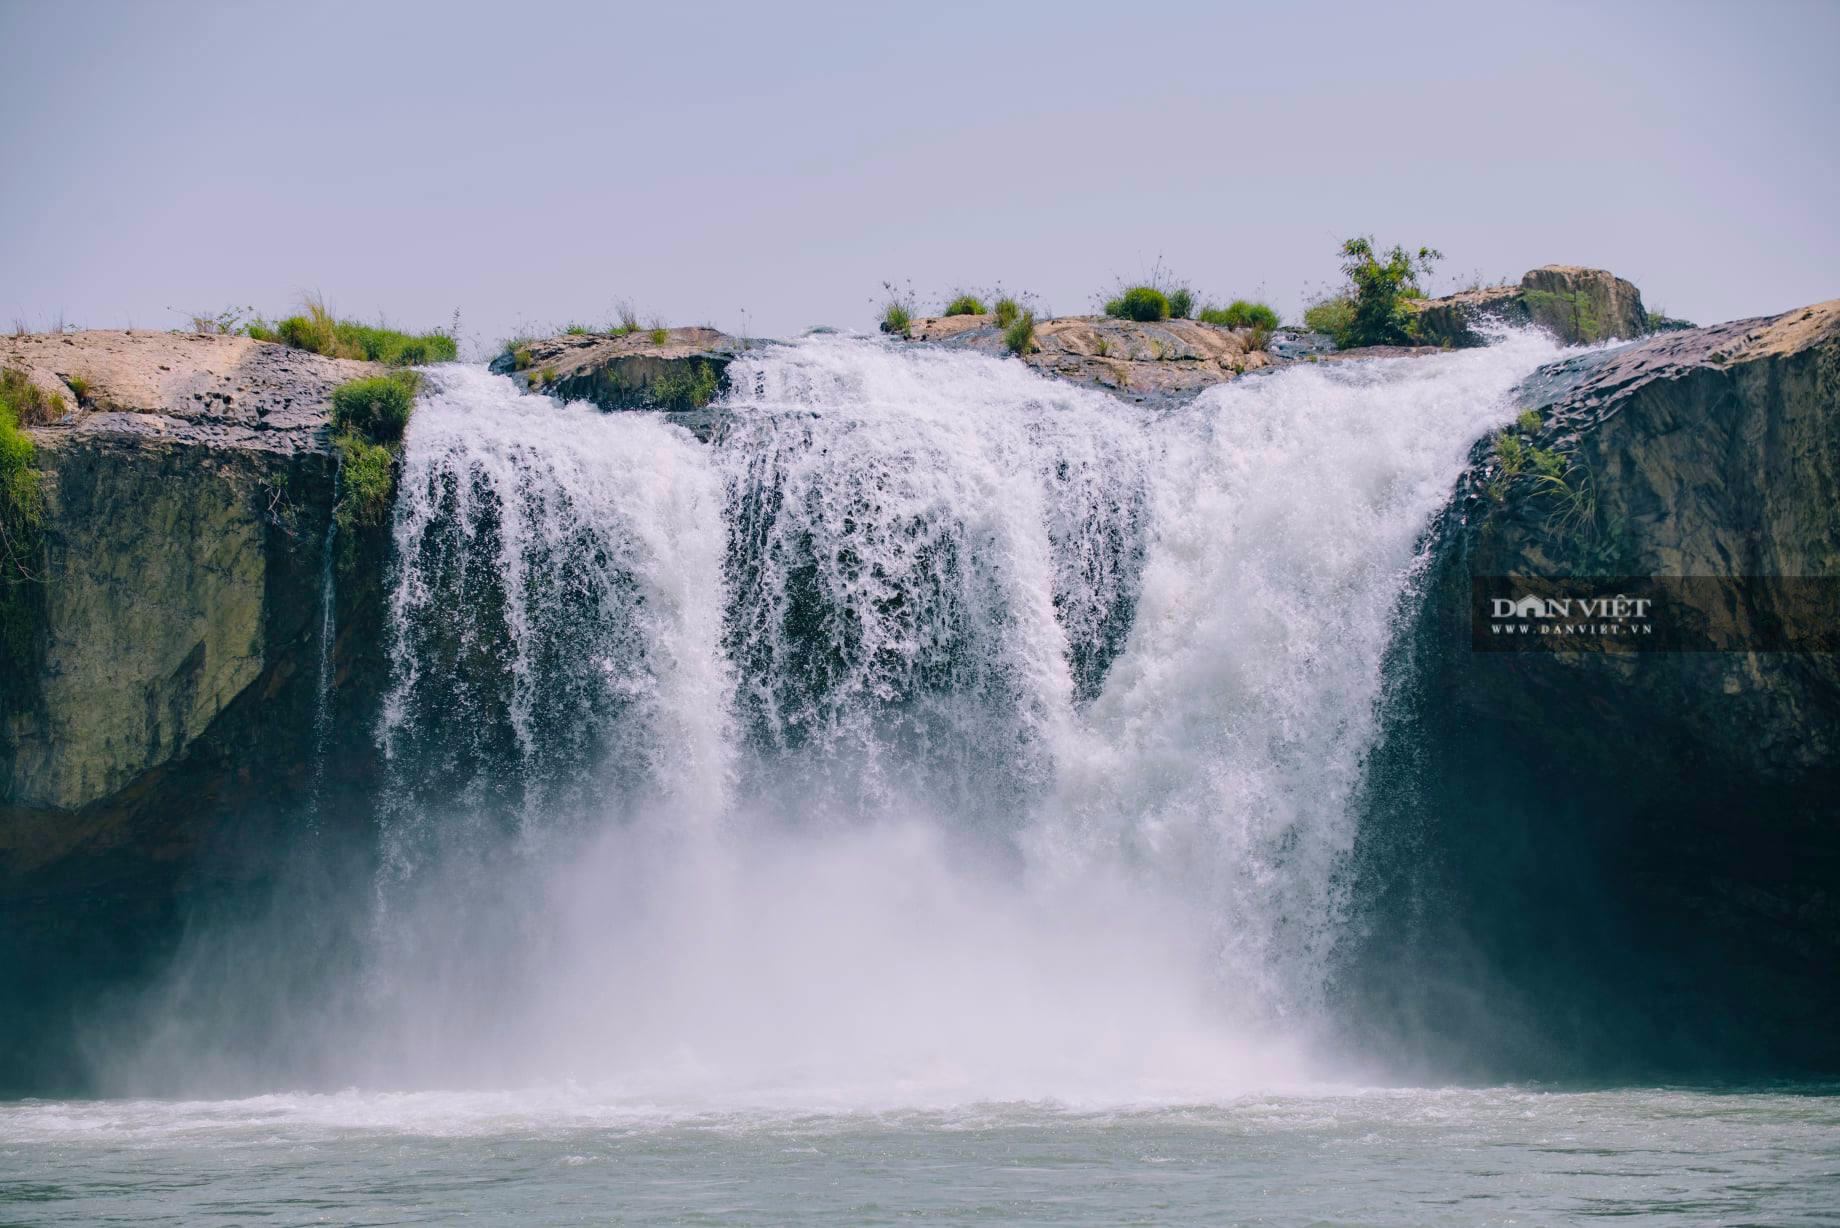 """Bị """"thôi miên"""" bởi cảnh đẹp mê hồn của cụm thác nổi tiếng nhất Đắk Nông - Ảnh 4."""